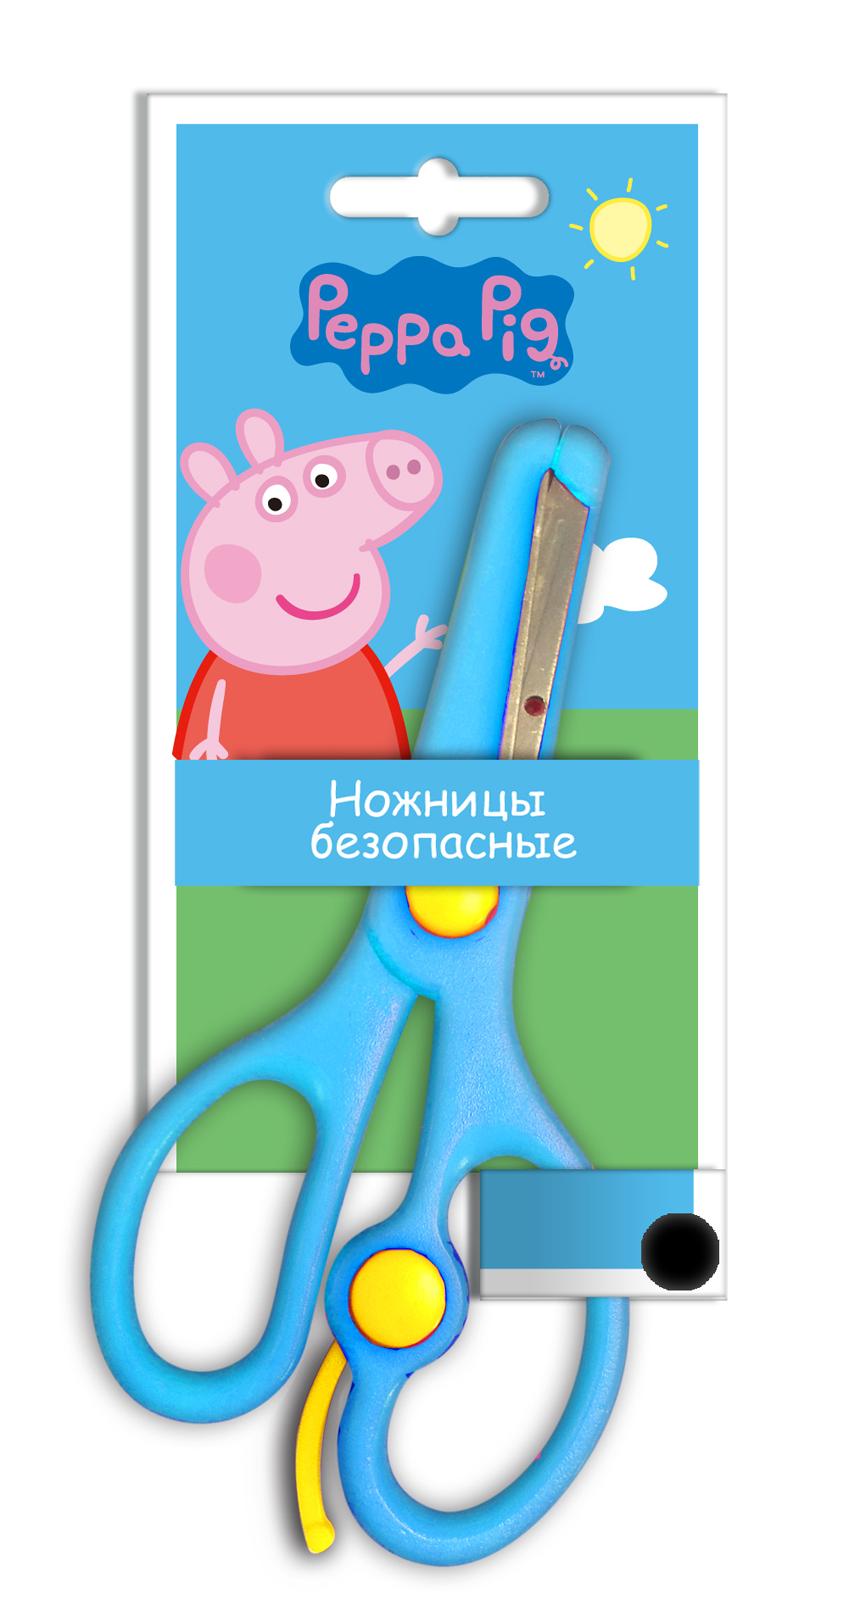 Ножницы безопасные из серии Свинка ПеппаНожницы, линейки, ластики<br>Ножницы безопасные из серии Свинка Пеппа<br>